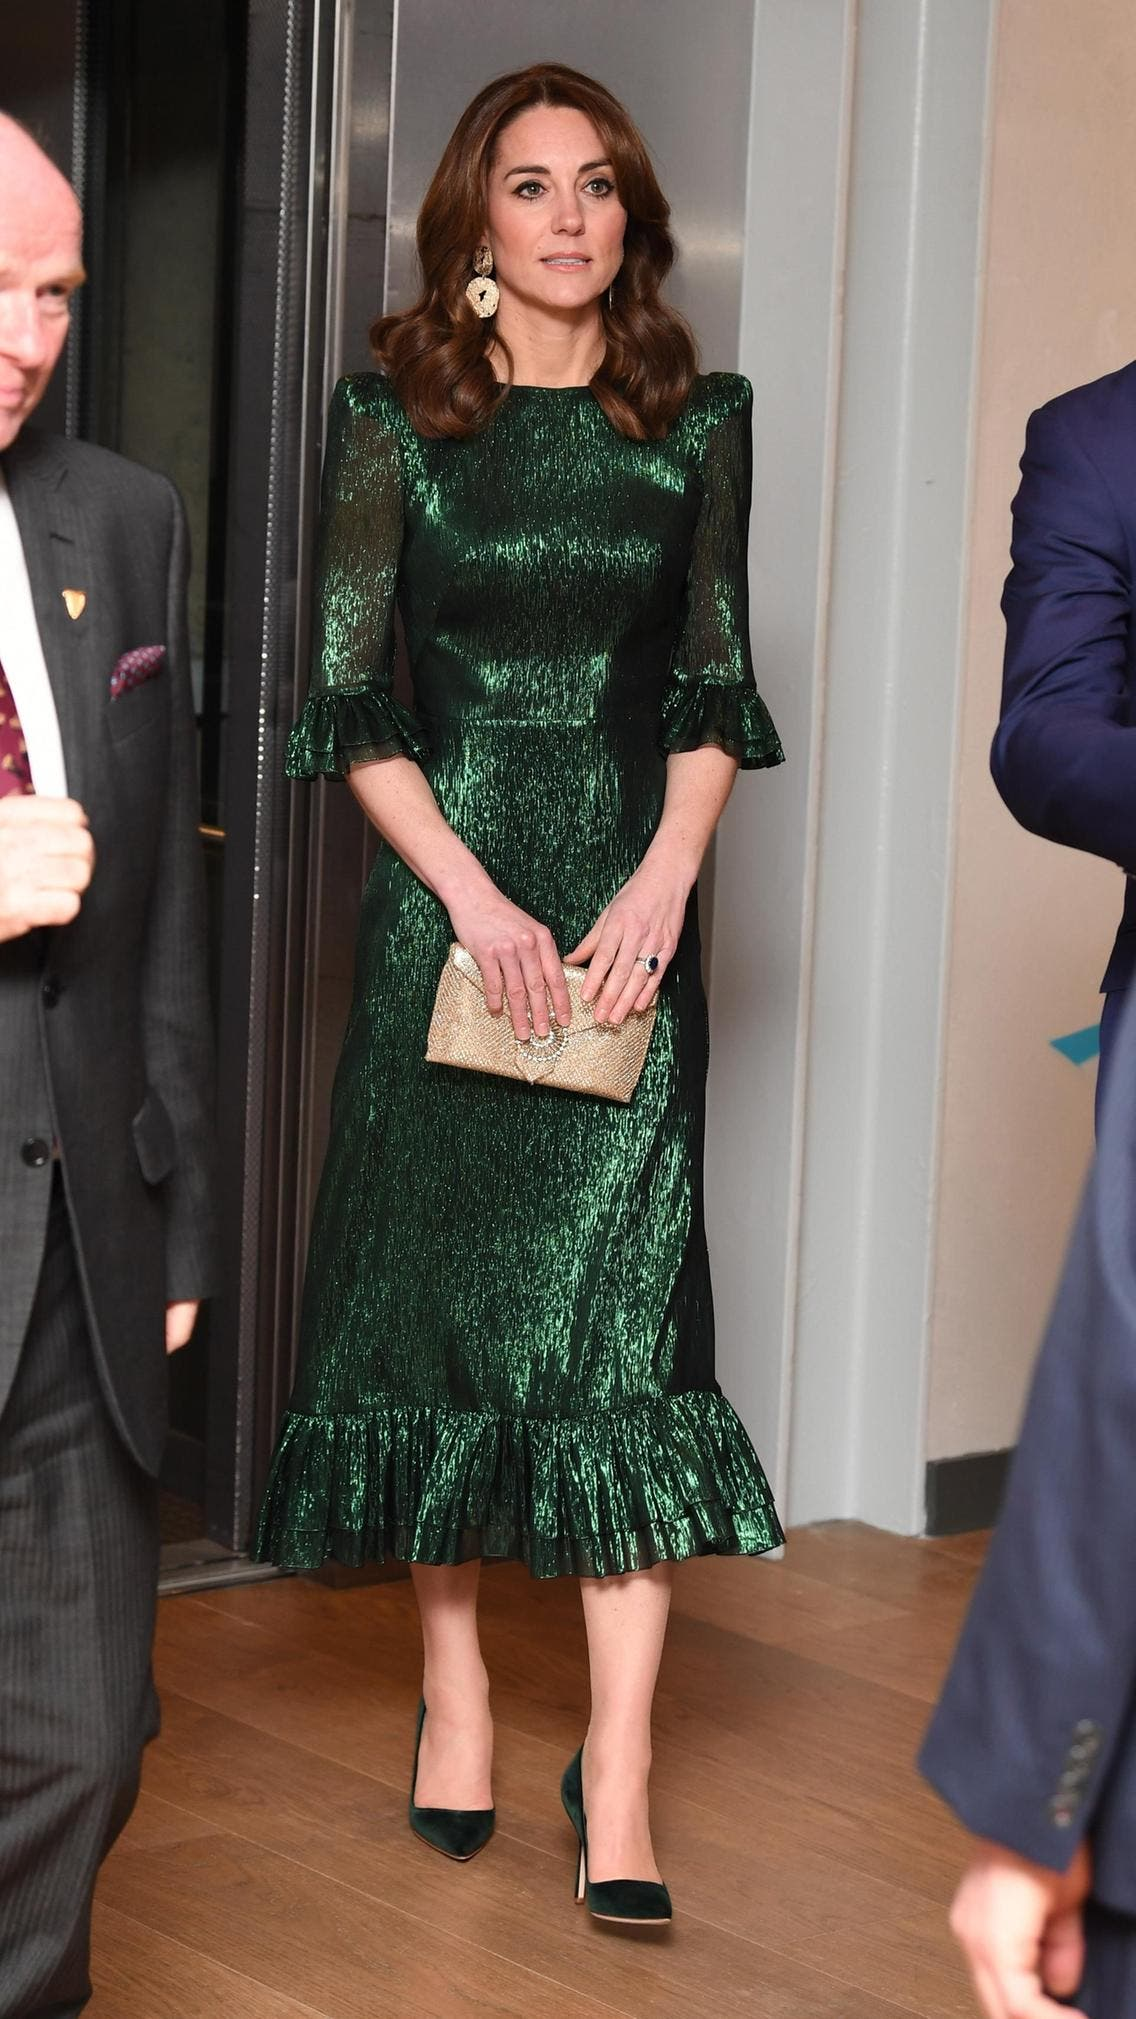 كايت بثوب أخضر برّاق ظهرت به في شهر مارس الماضي